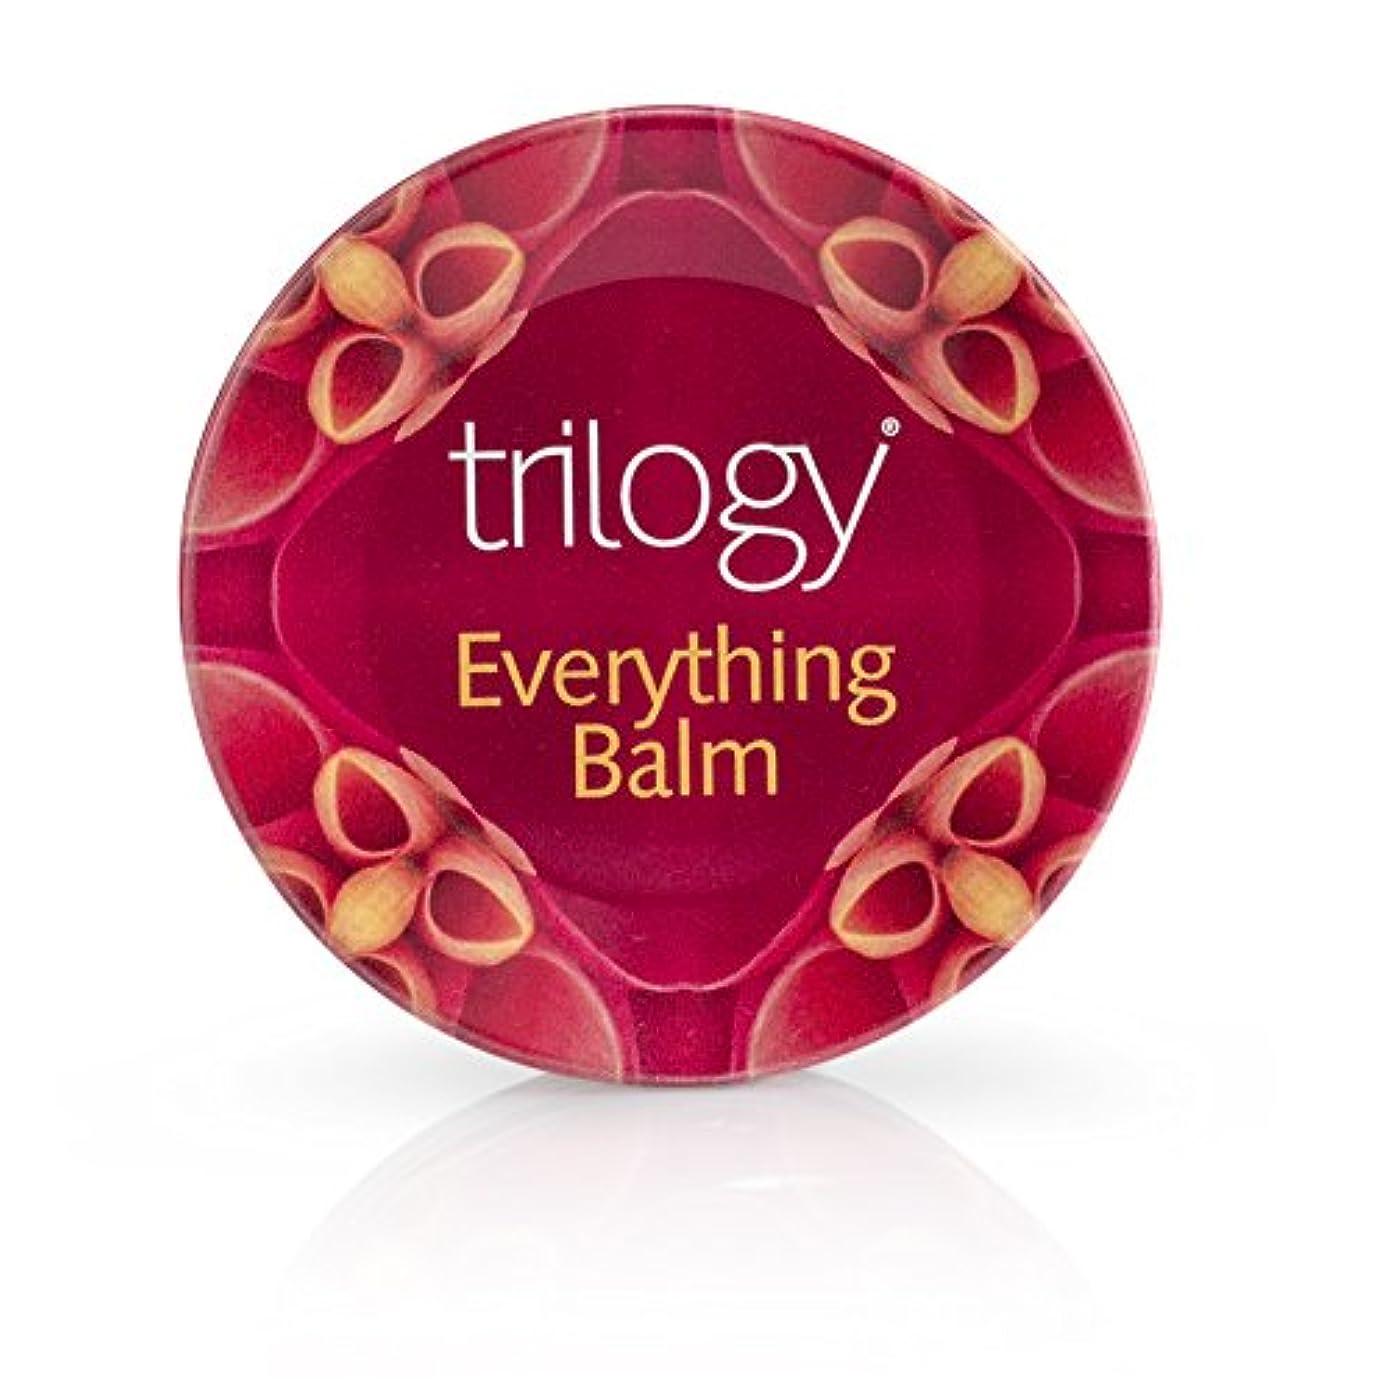 眠いです歩く食用トリロジー(trilogy) エブリシング バーム 〈全身用バーム〉 (95mL)